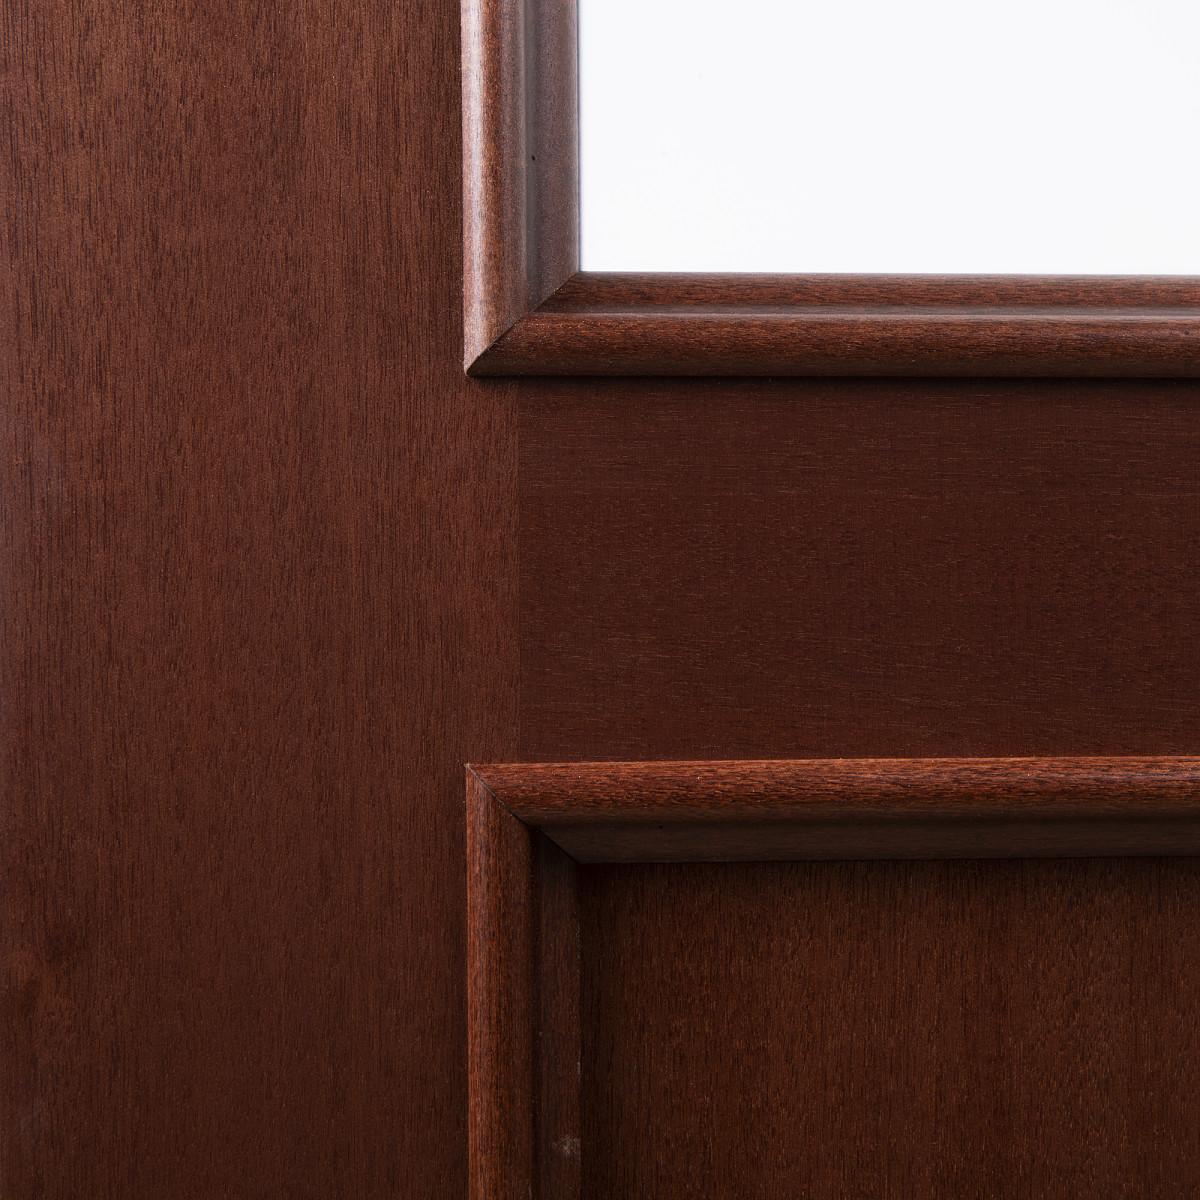 Дверь Межкомнатная Остеклённая Шпонированное Этерно 80x200 Цвет Итальянский Орех